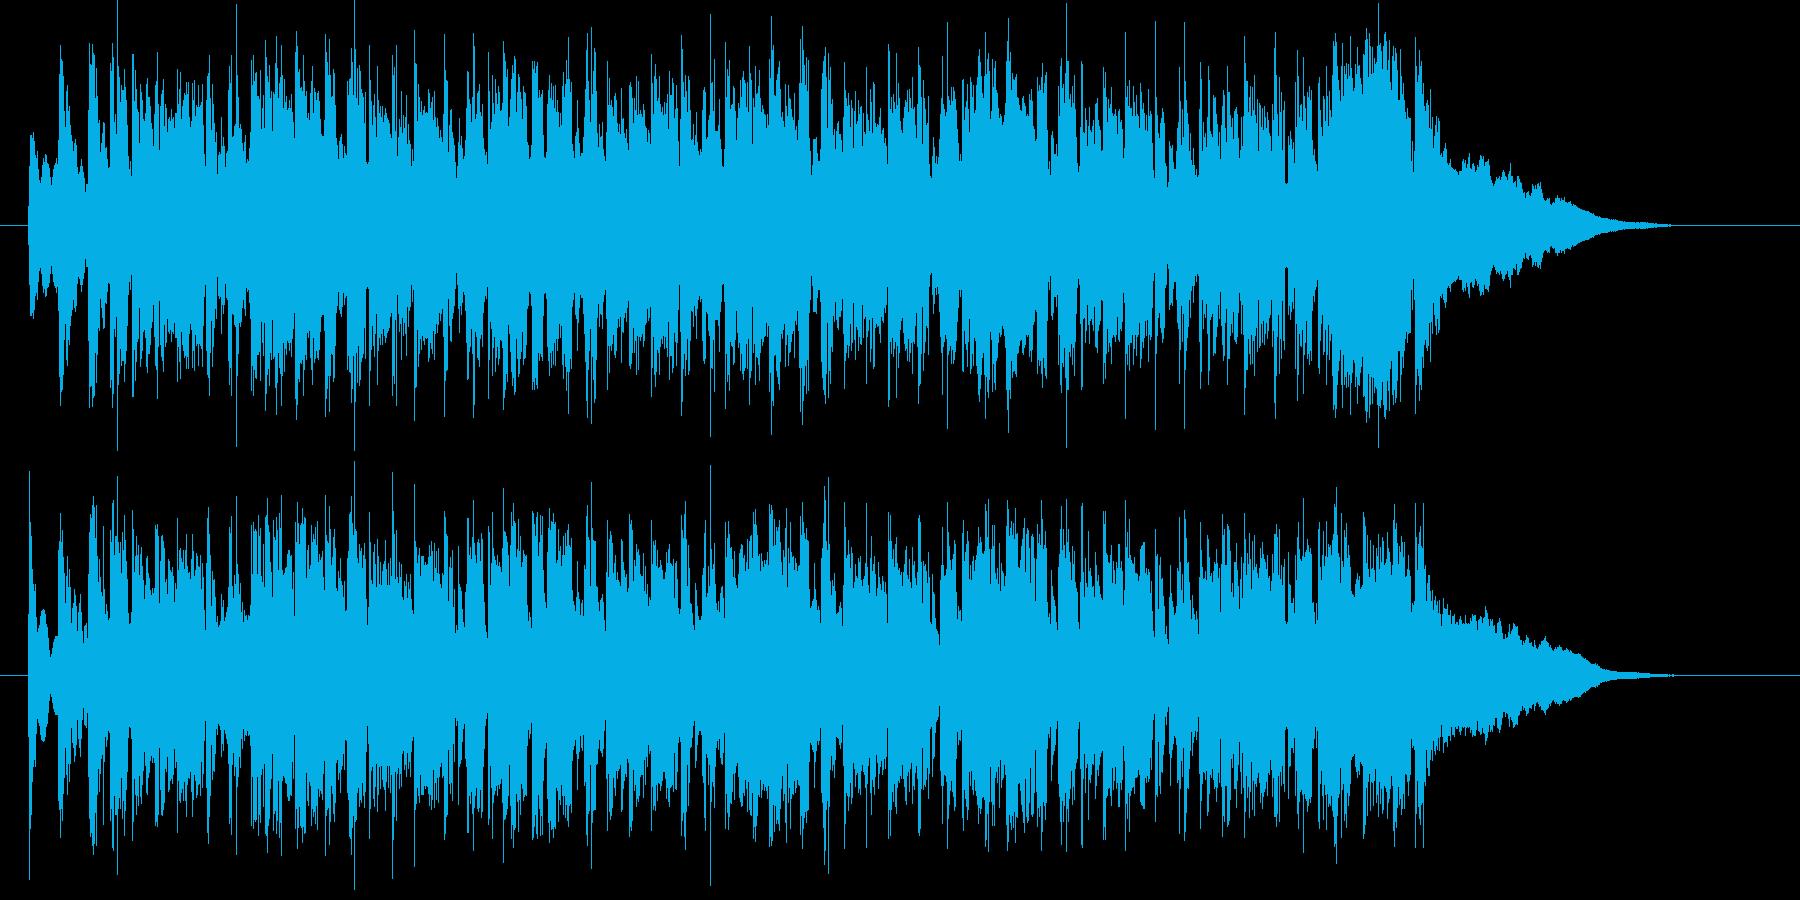 優しく穏やかで可憐なシンセポップジングルの再生済みの波形